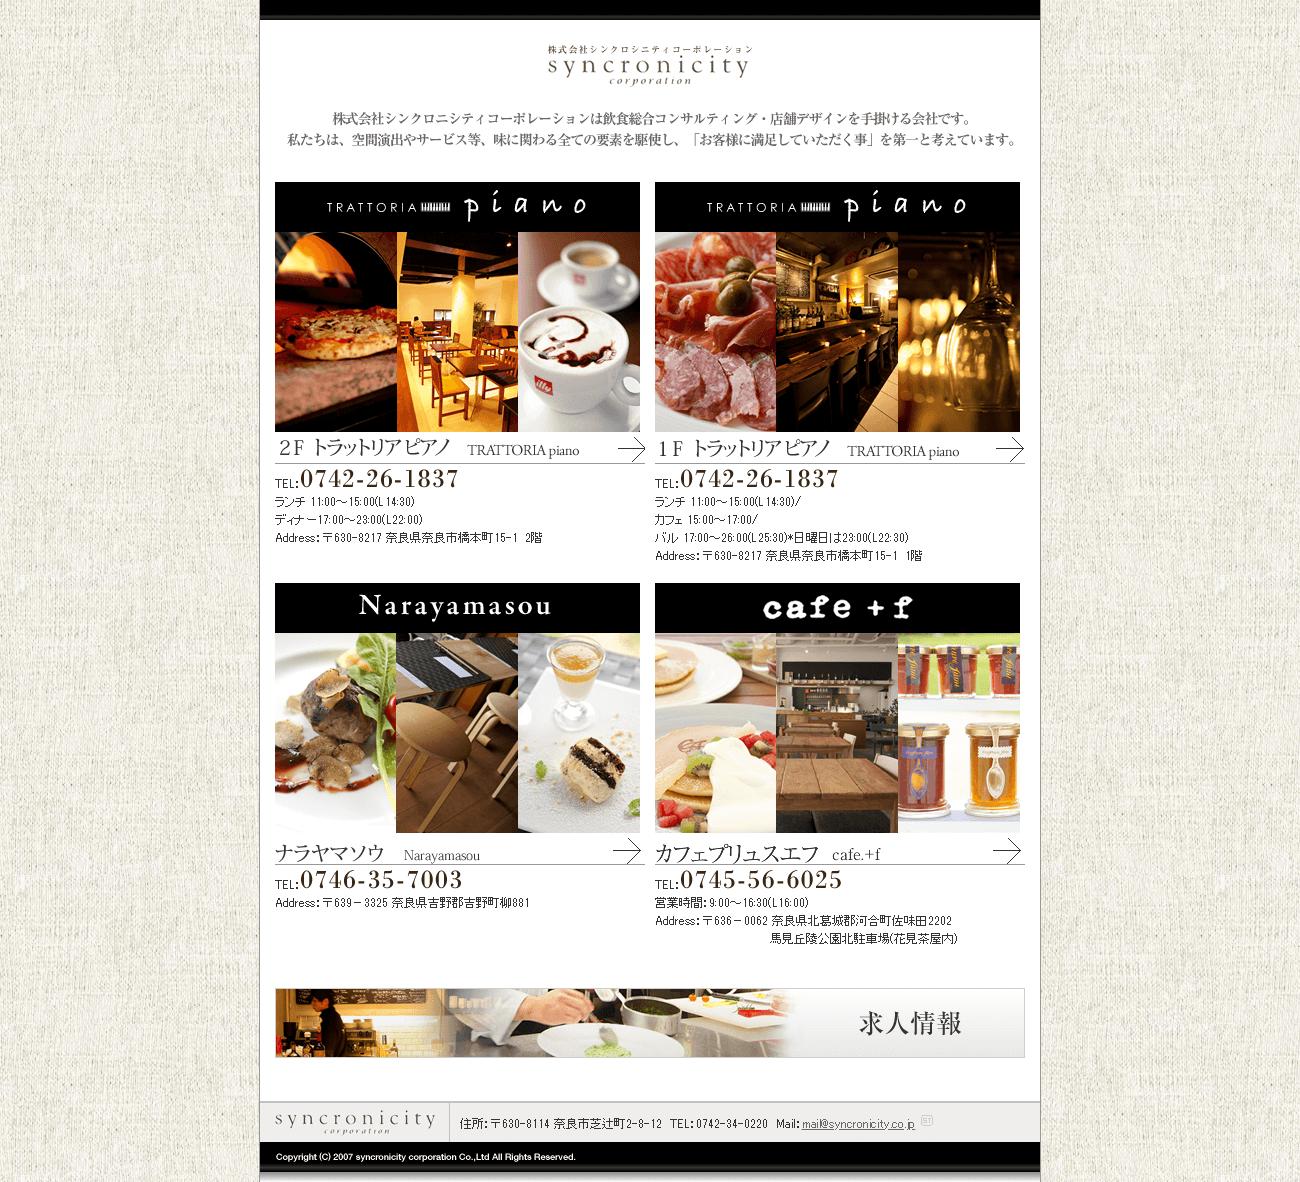 奈良県 株式会社シンクロニシティコーポレーション ホームページ制作1